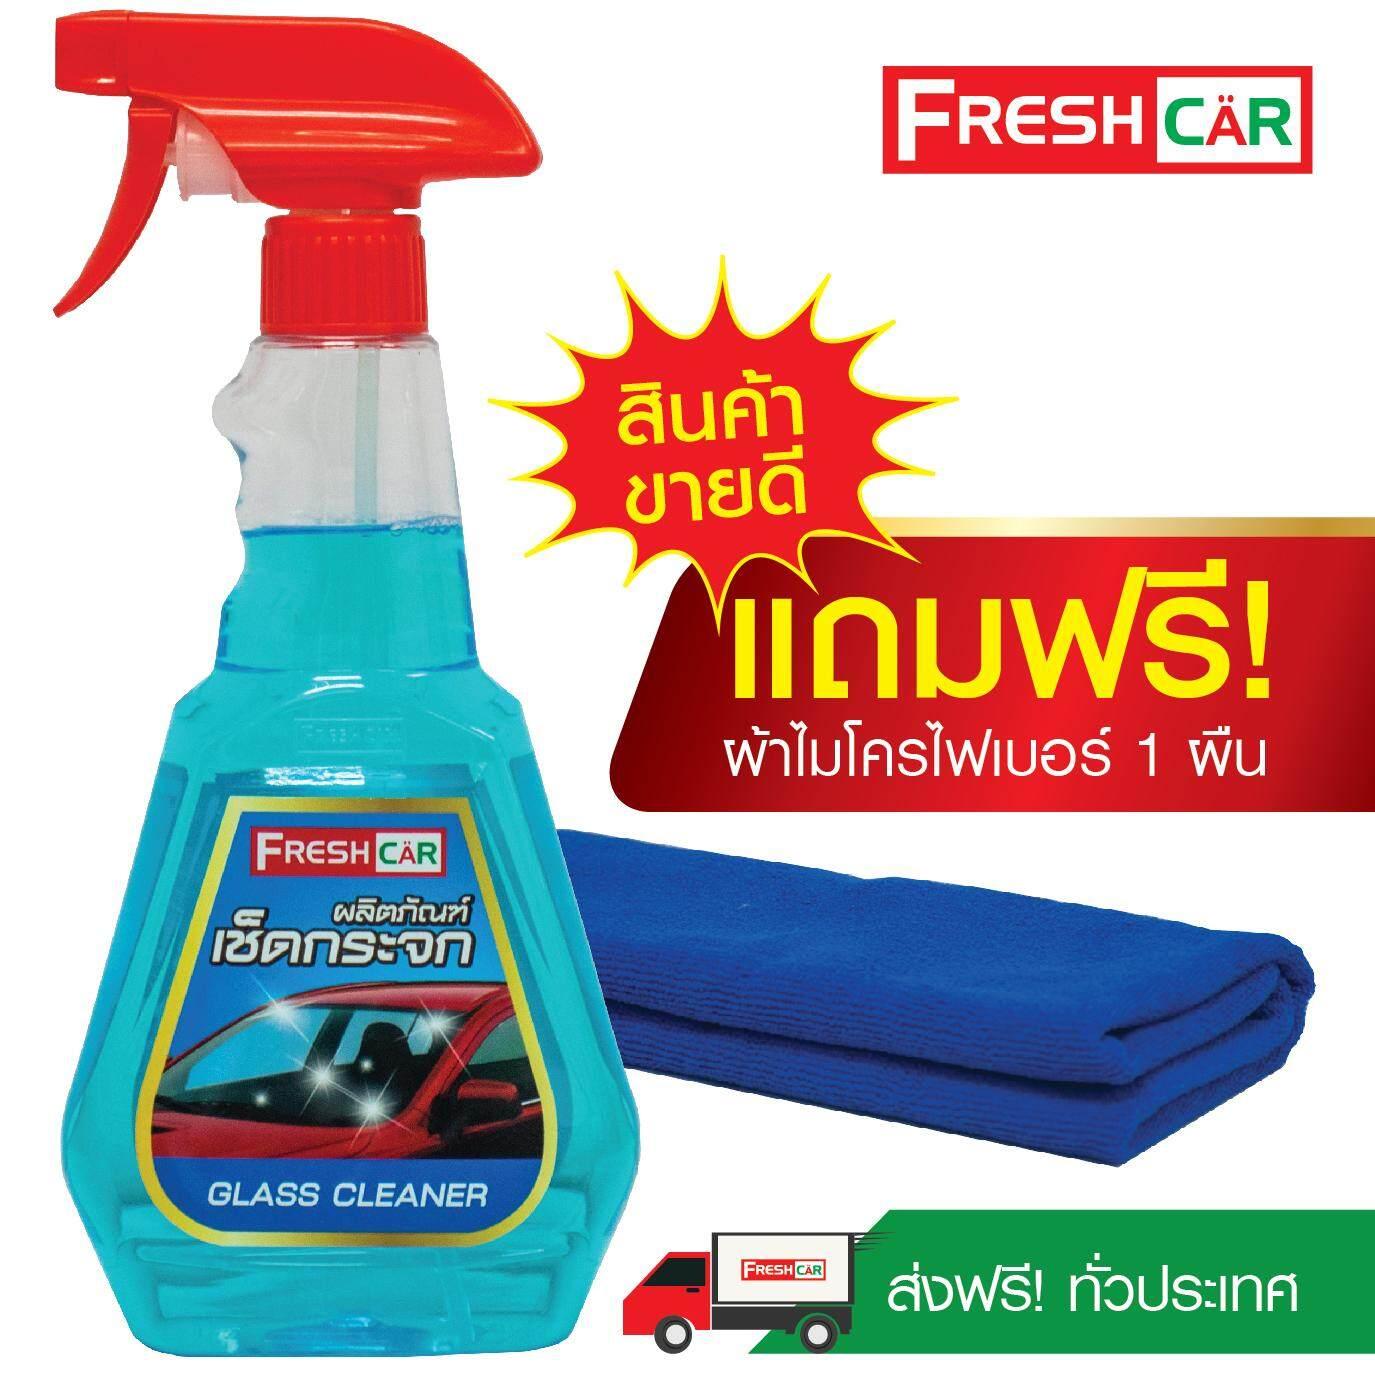 น้ำยาเช็ดกระจกรถ Glass Cleaner Fg003 สูตรพิเศษ ขนาด 500 มล. แถมฟรี! ผ้าไมโครไฟเบอร์ By Fresh Car Shop.